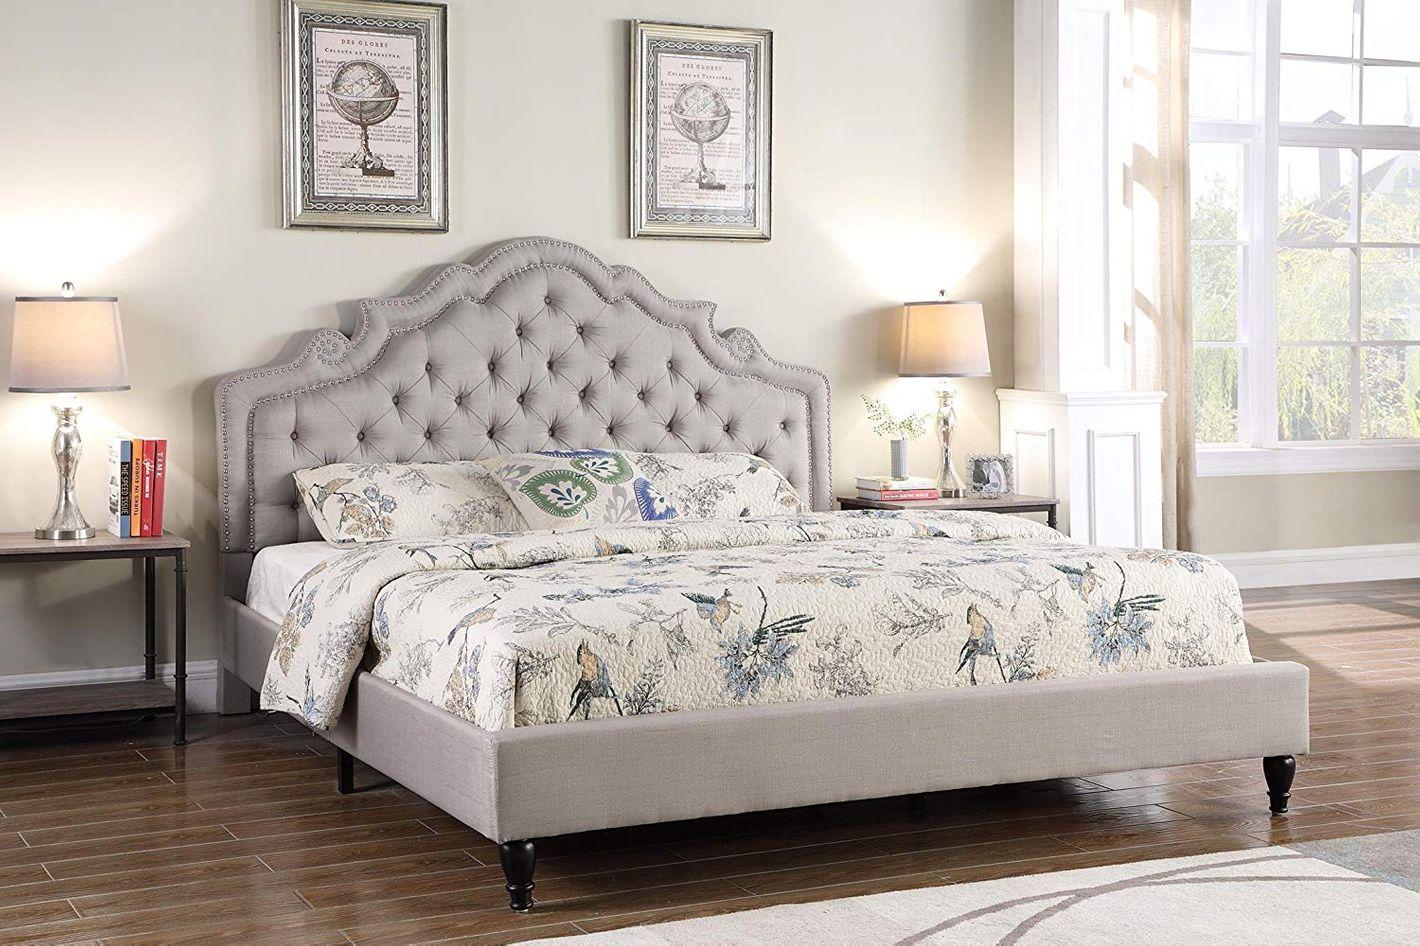 LIFE Home Platform Bed, Queen, Light Grey